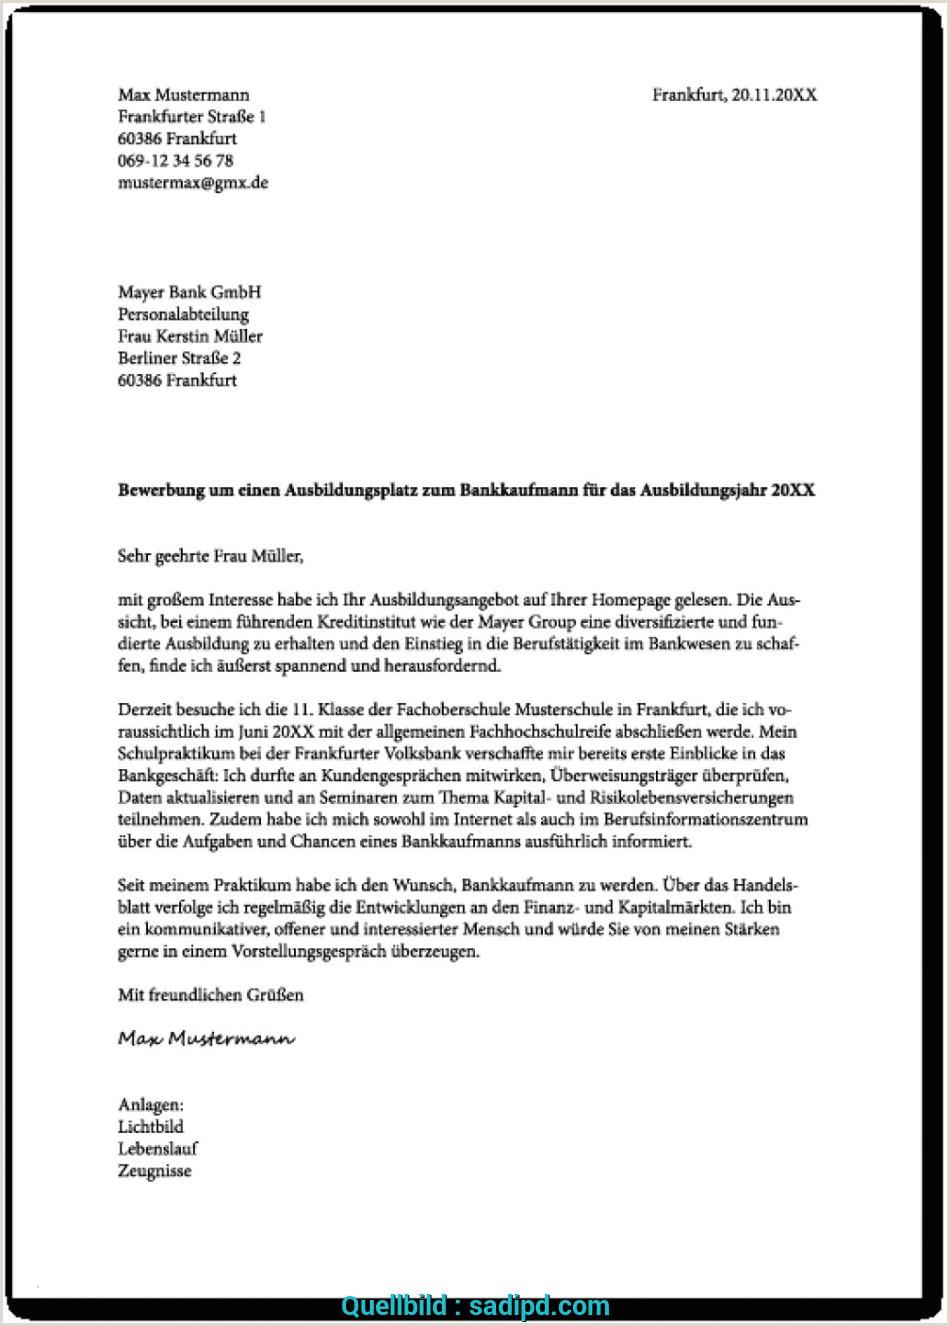 Praktisch 20 Berliner Feuerwehr Bewerbung Sadipd